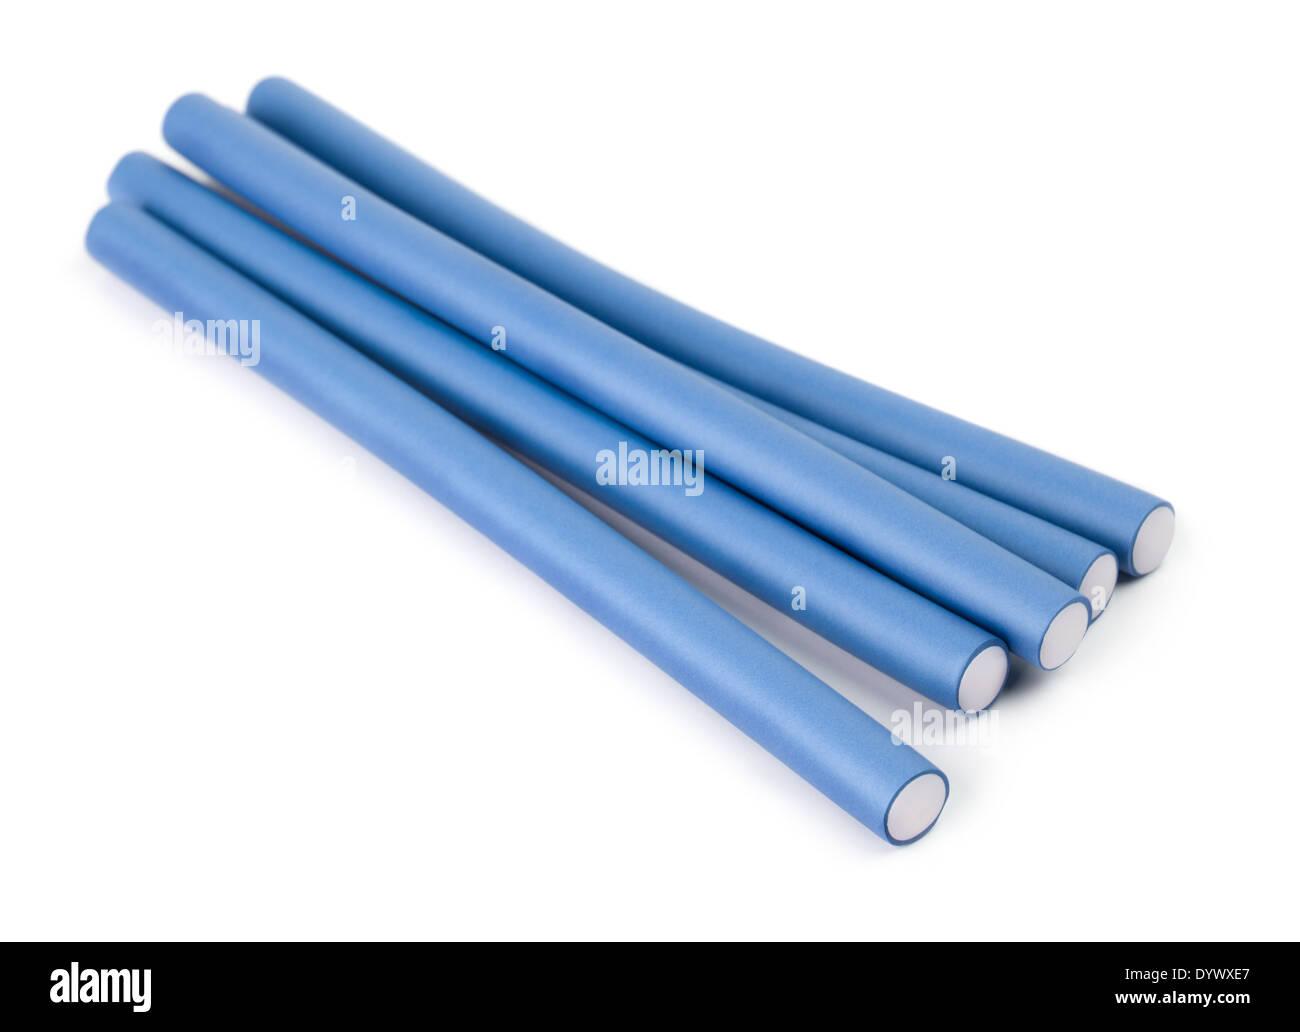 Rizadores de pelo azul sobre un fondo blanco. Imagen De Stock